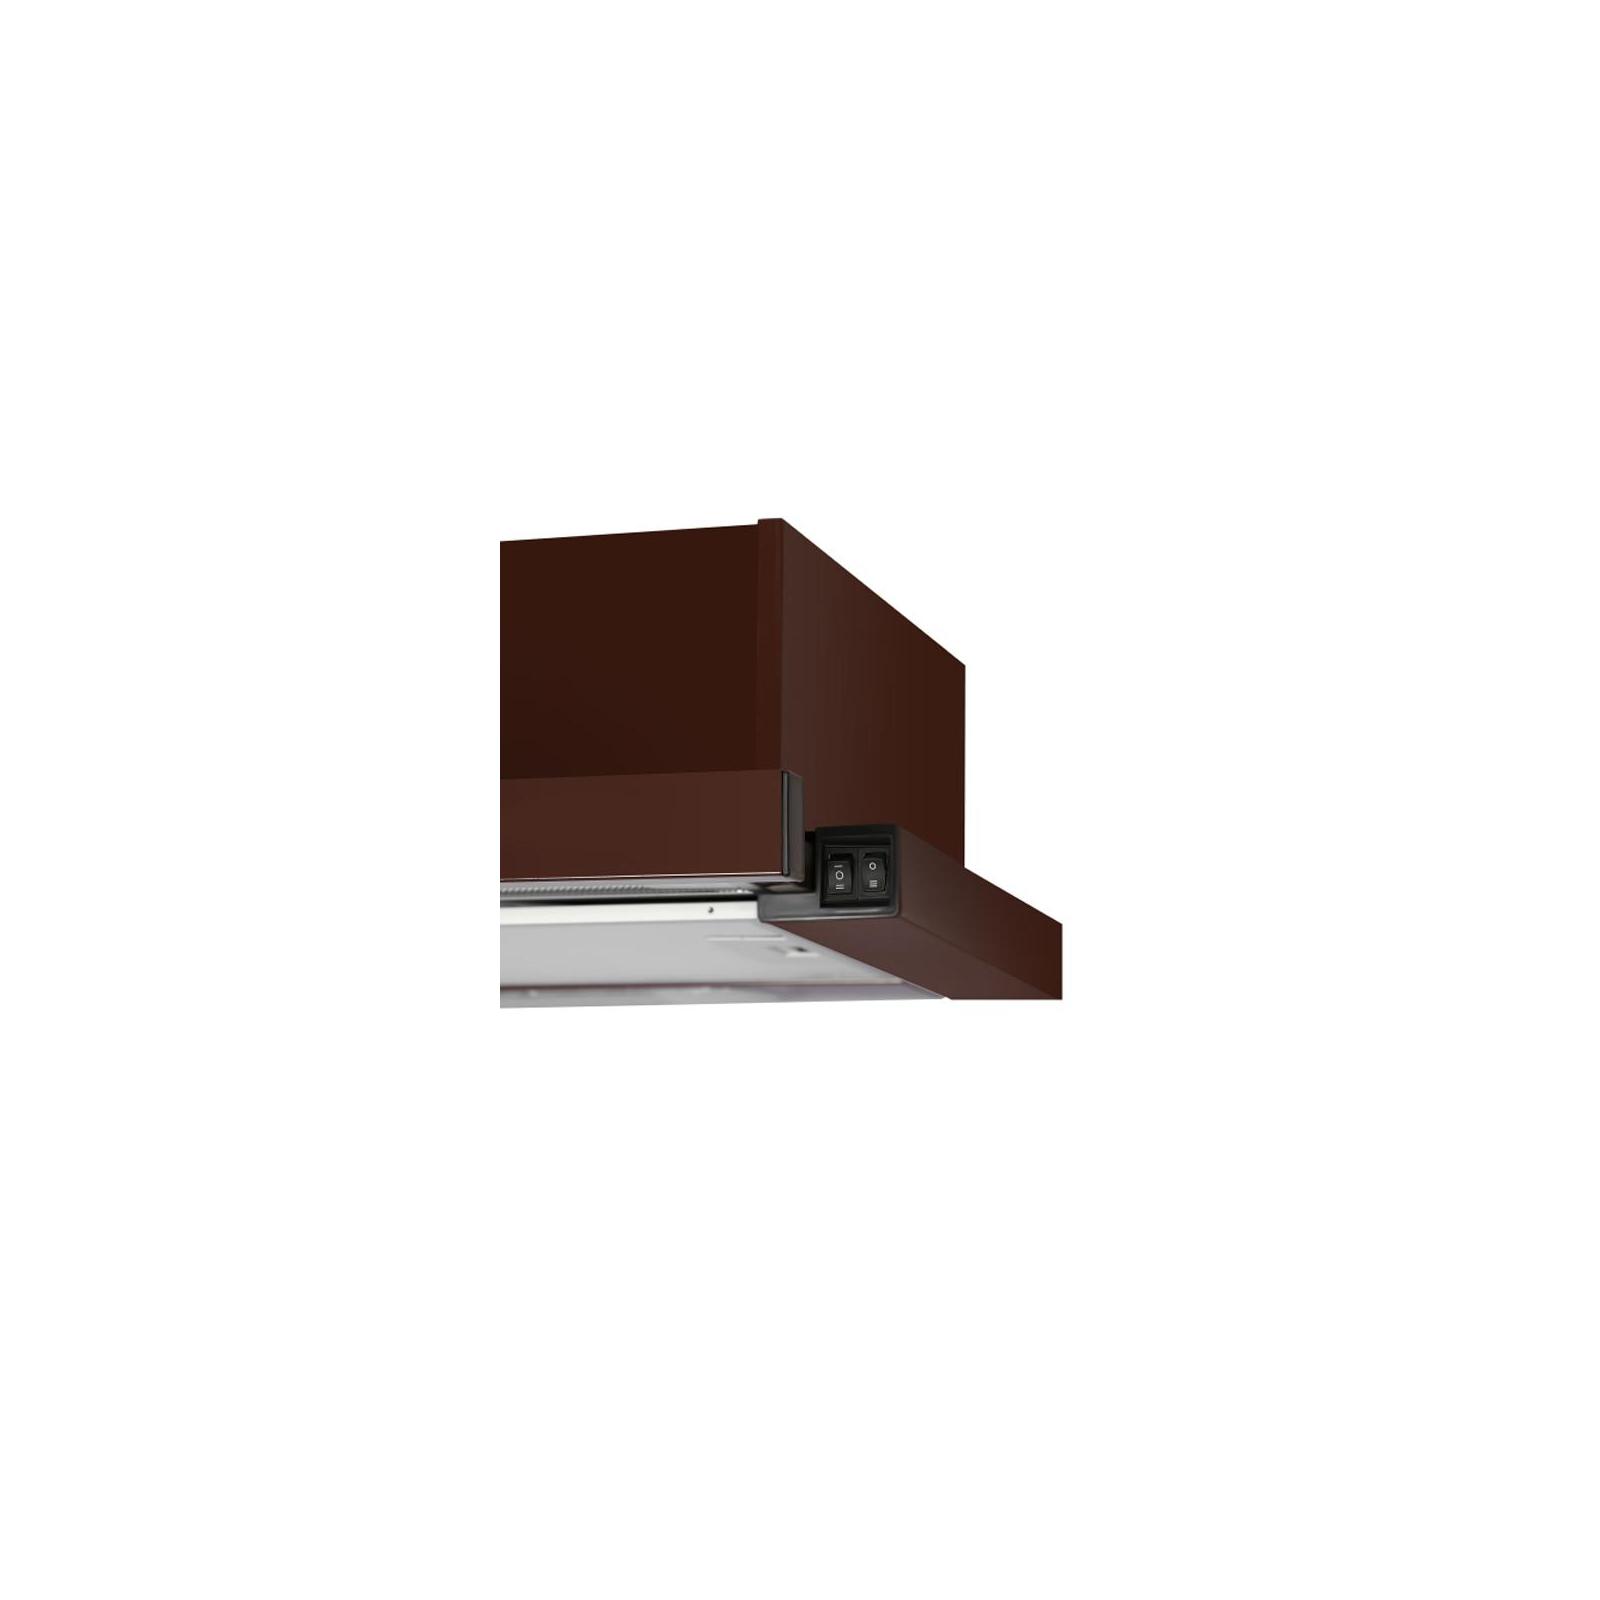 Вытяжка кухонная MINOLA HTL 6110 BR 630 изображение 5